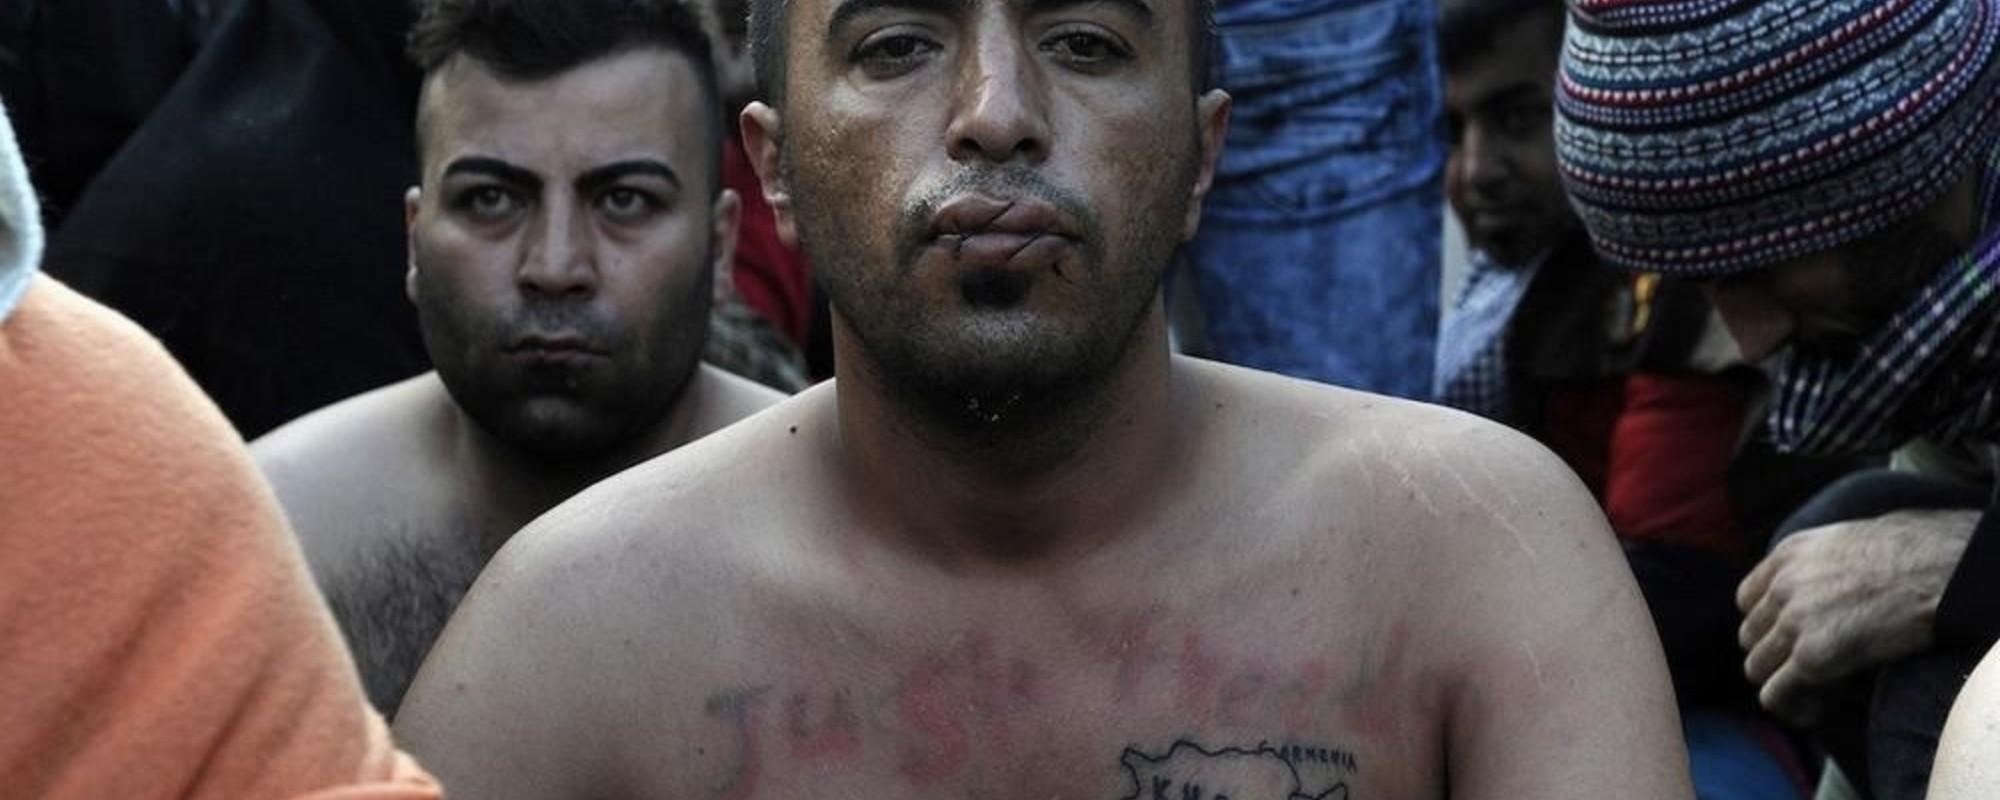 Fotografii cu iranieni care și-au cusut gurile ca să protesteze pentru refugiați